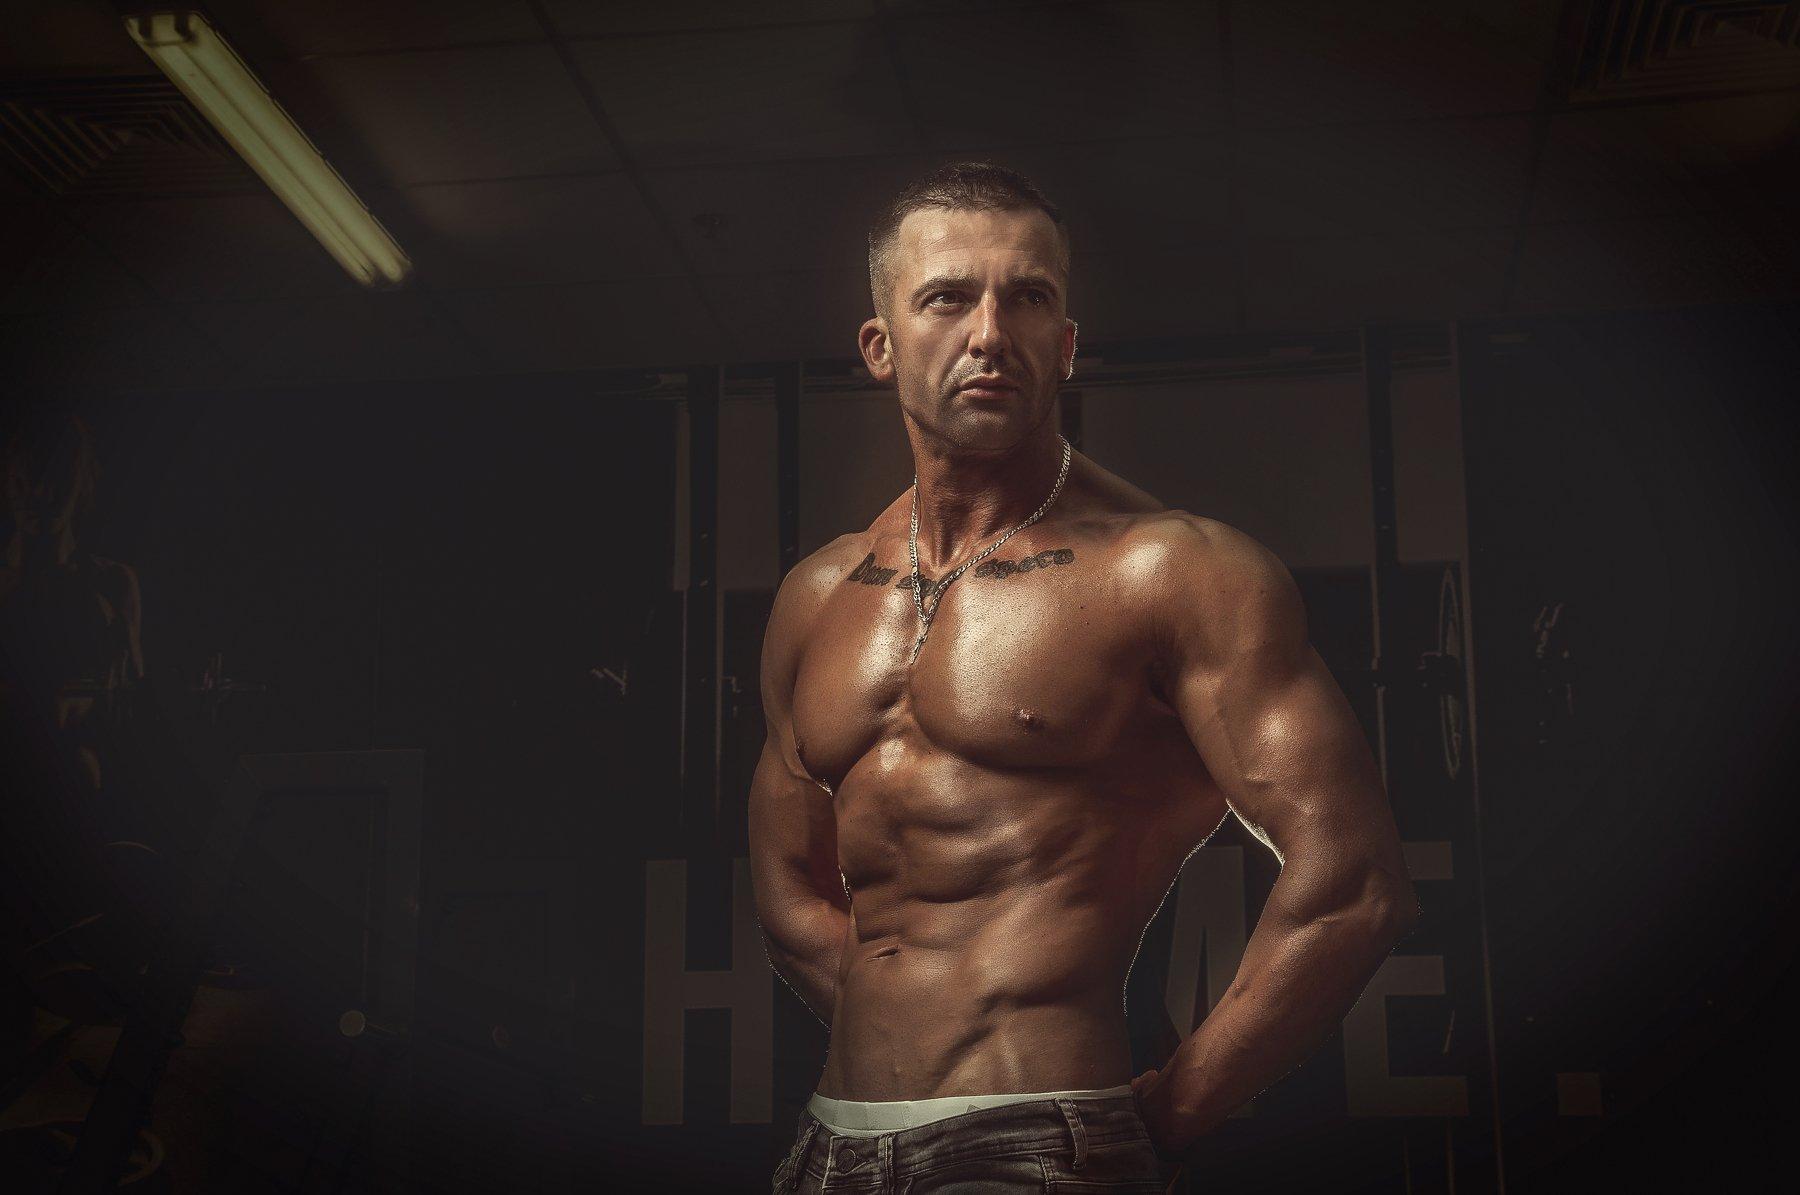 атлет, красивое тело, мужская съемка. спорт, Семенова Татьяна